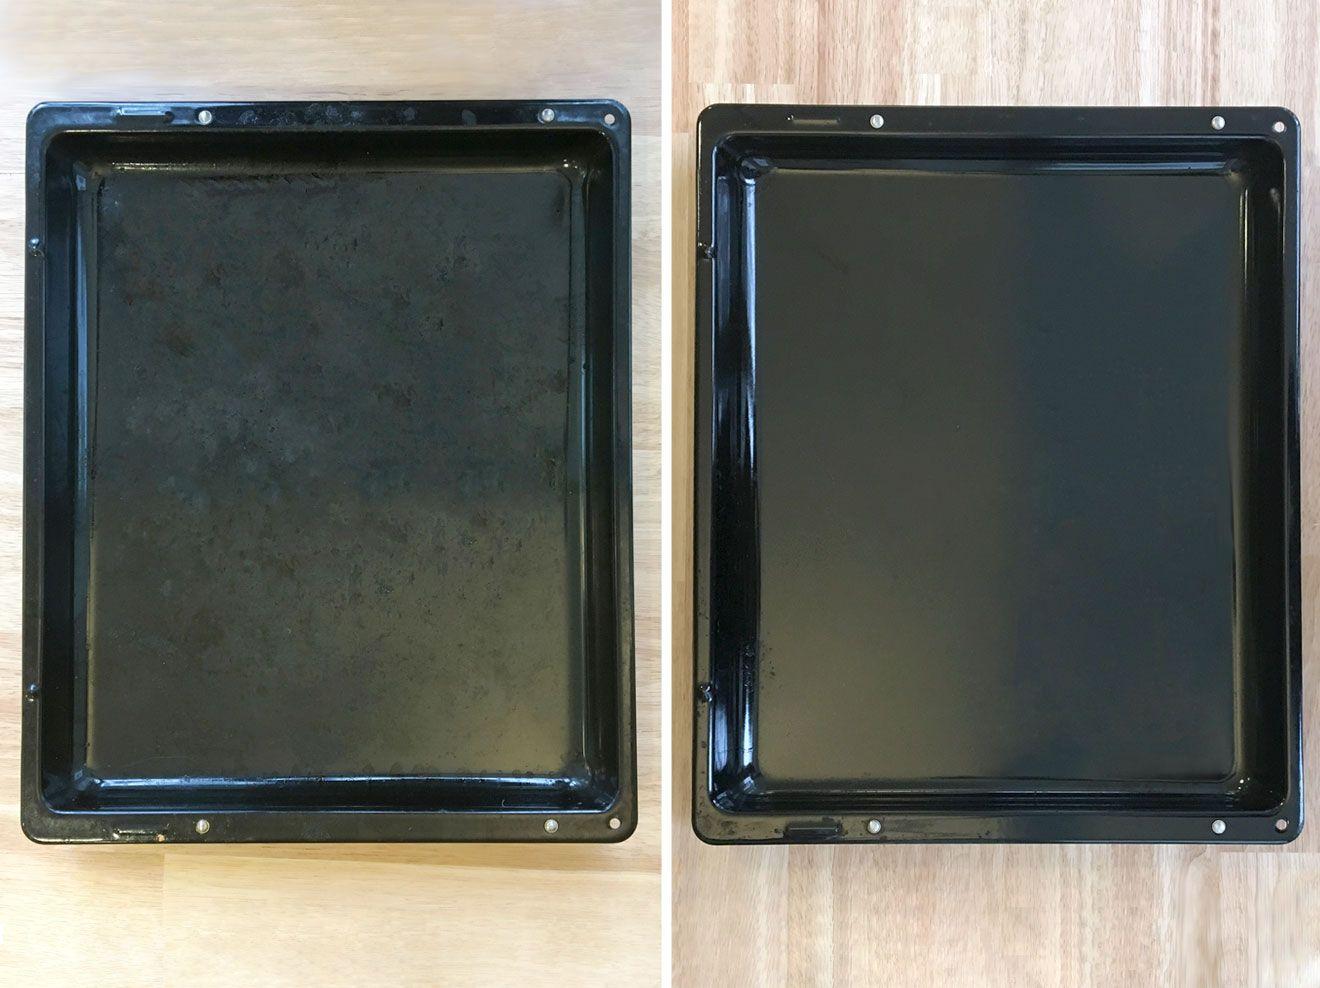 backblech reinigen diese hausmittel wirken wirklich haushaltswaren zum selbermachen. Black Bedroom Furniture Sets. Home Design Ideas